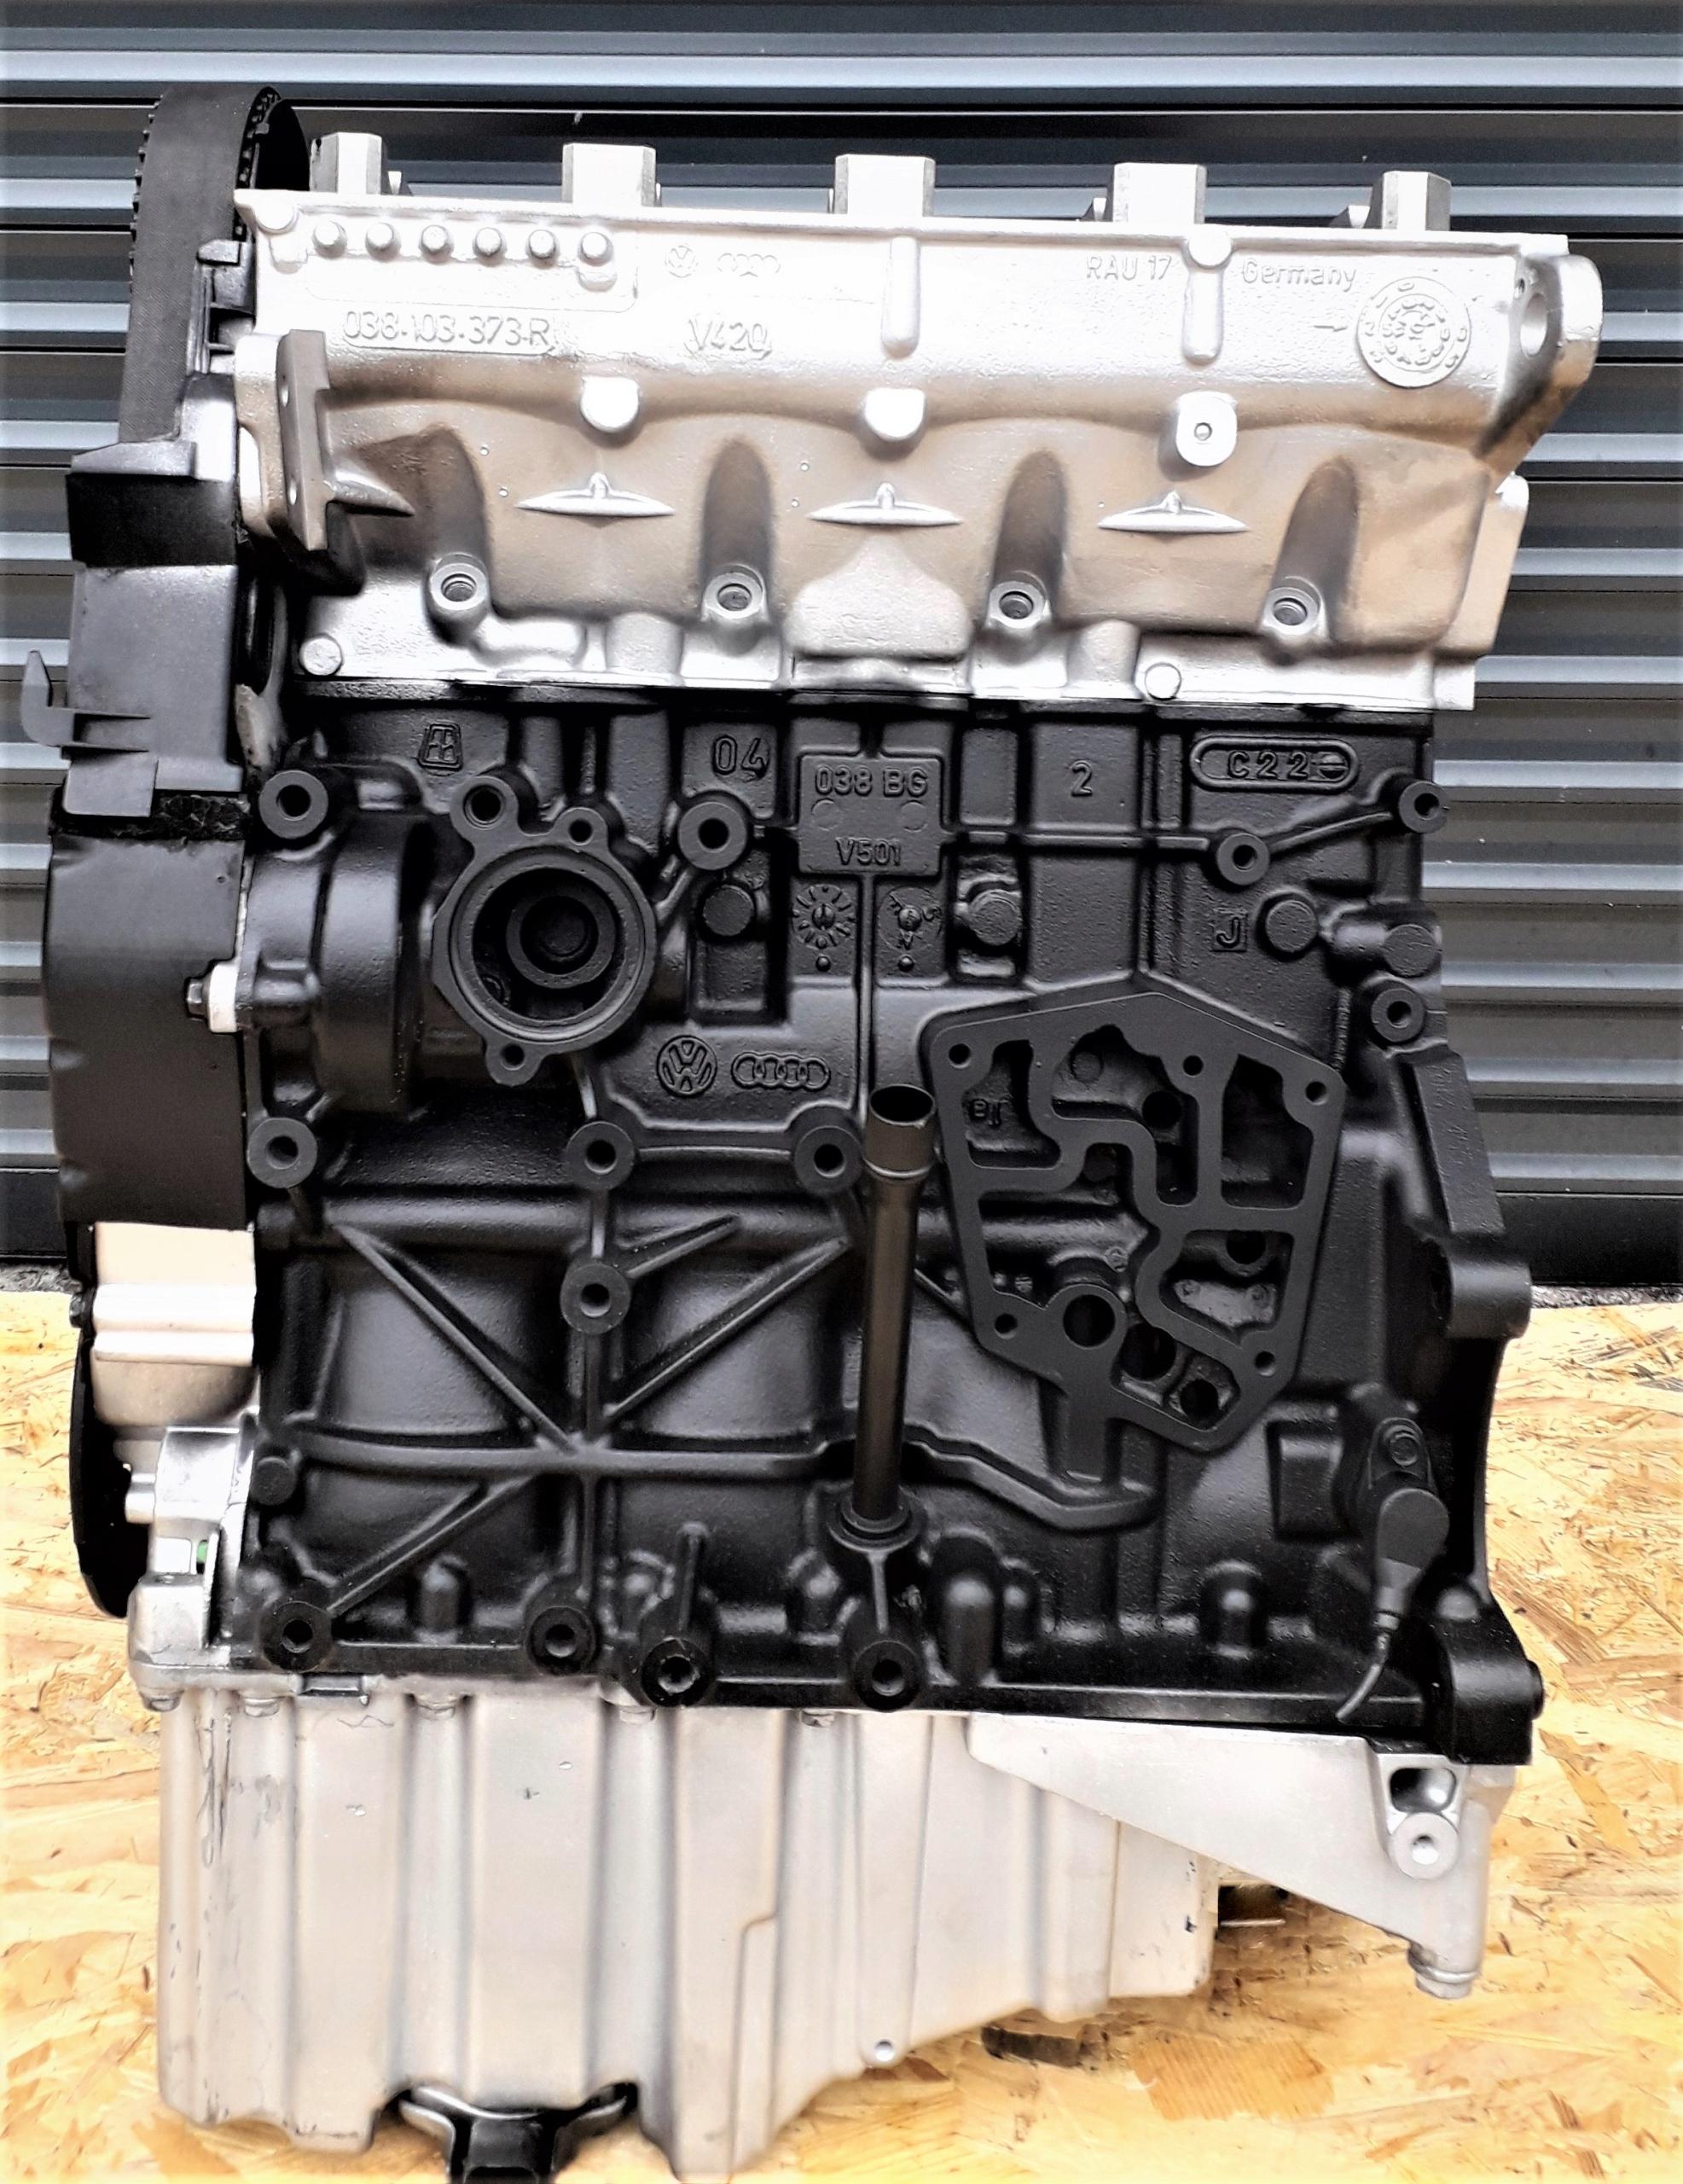 ДВИГАТЕЛЬ Audi A4 2.0 TDI BPW 1968ccm 140HP